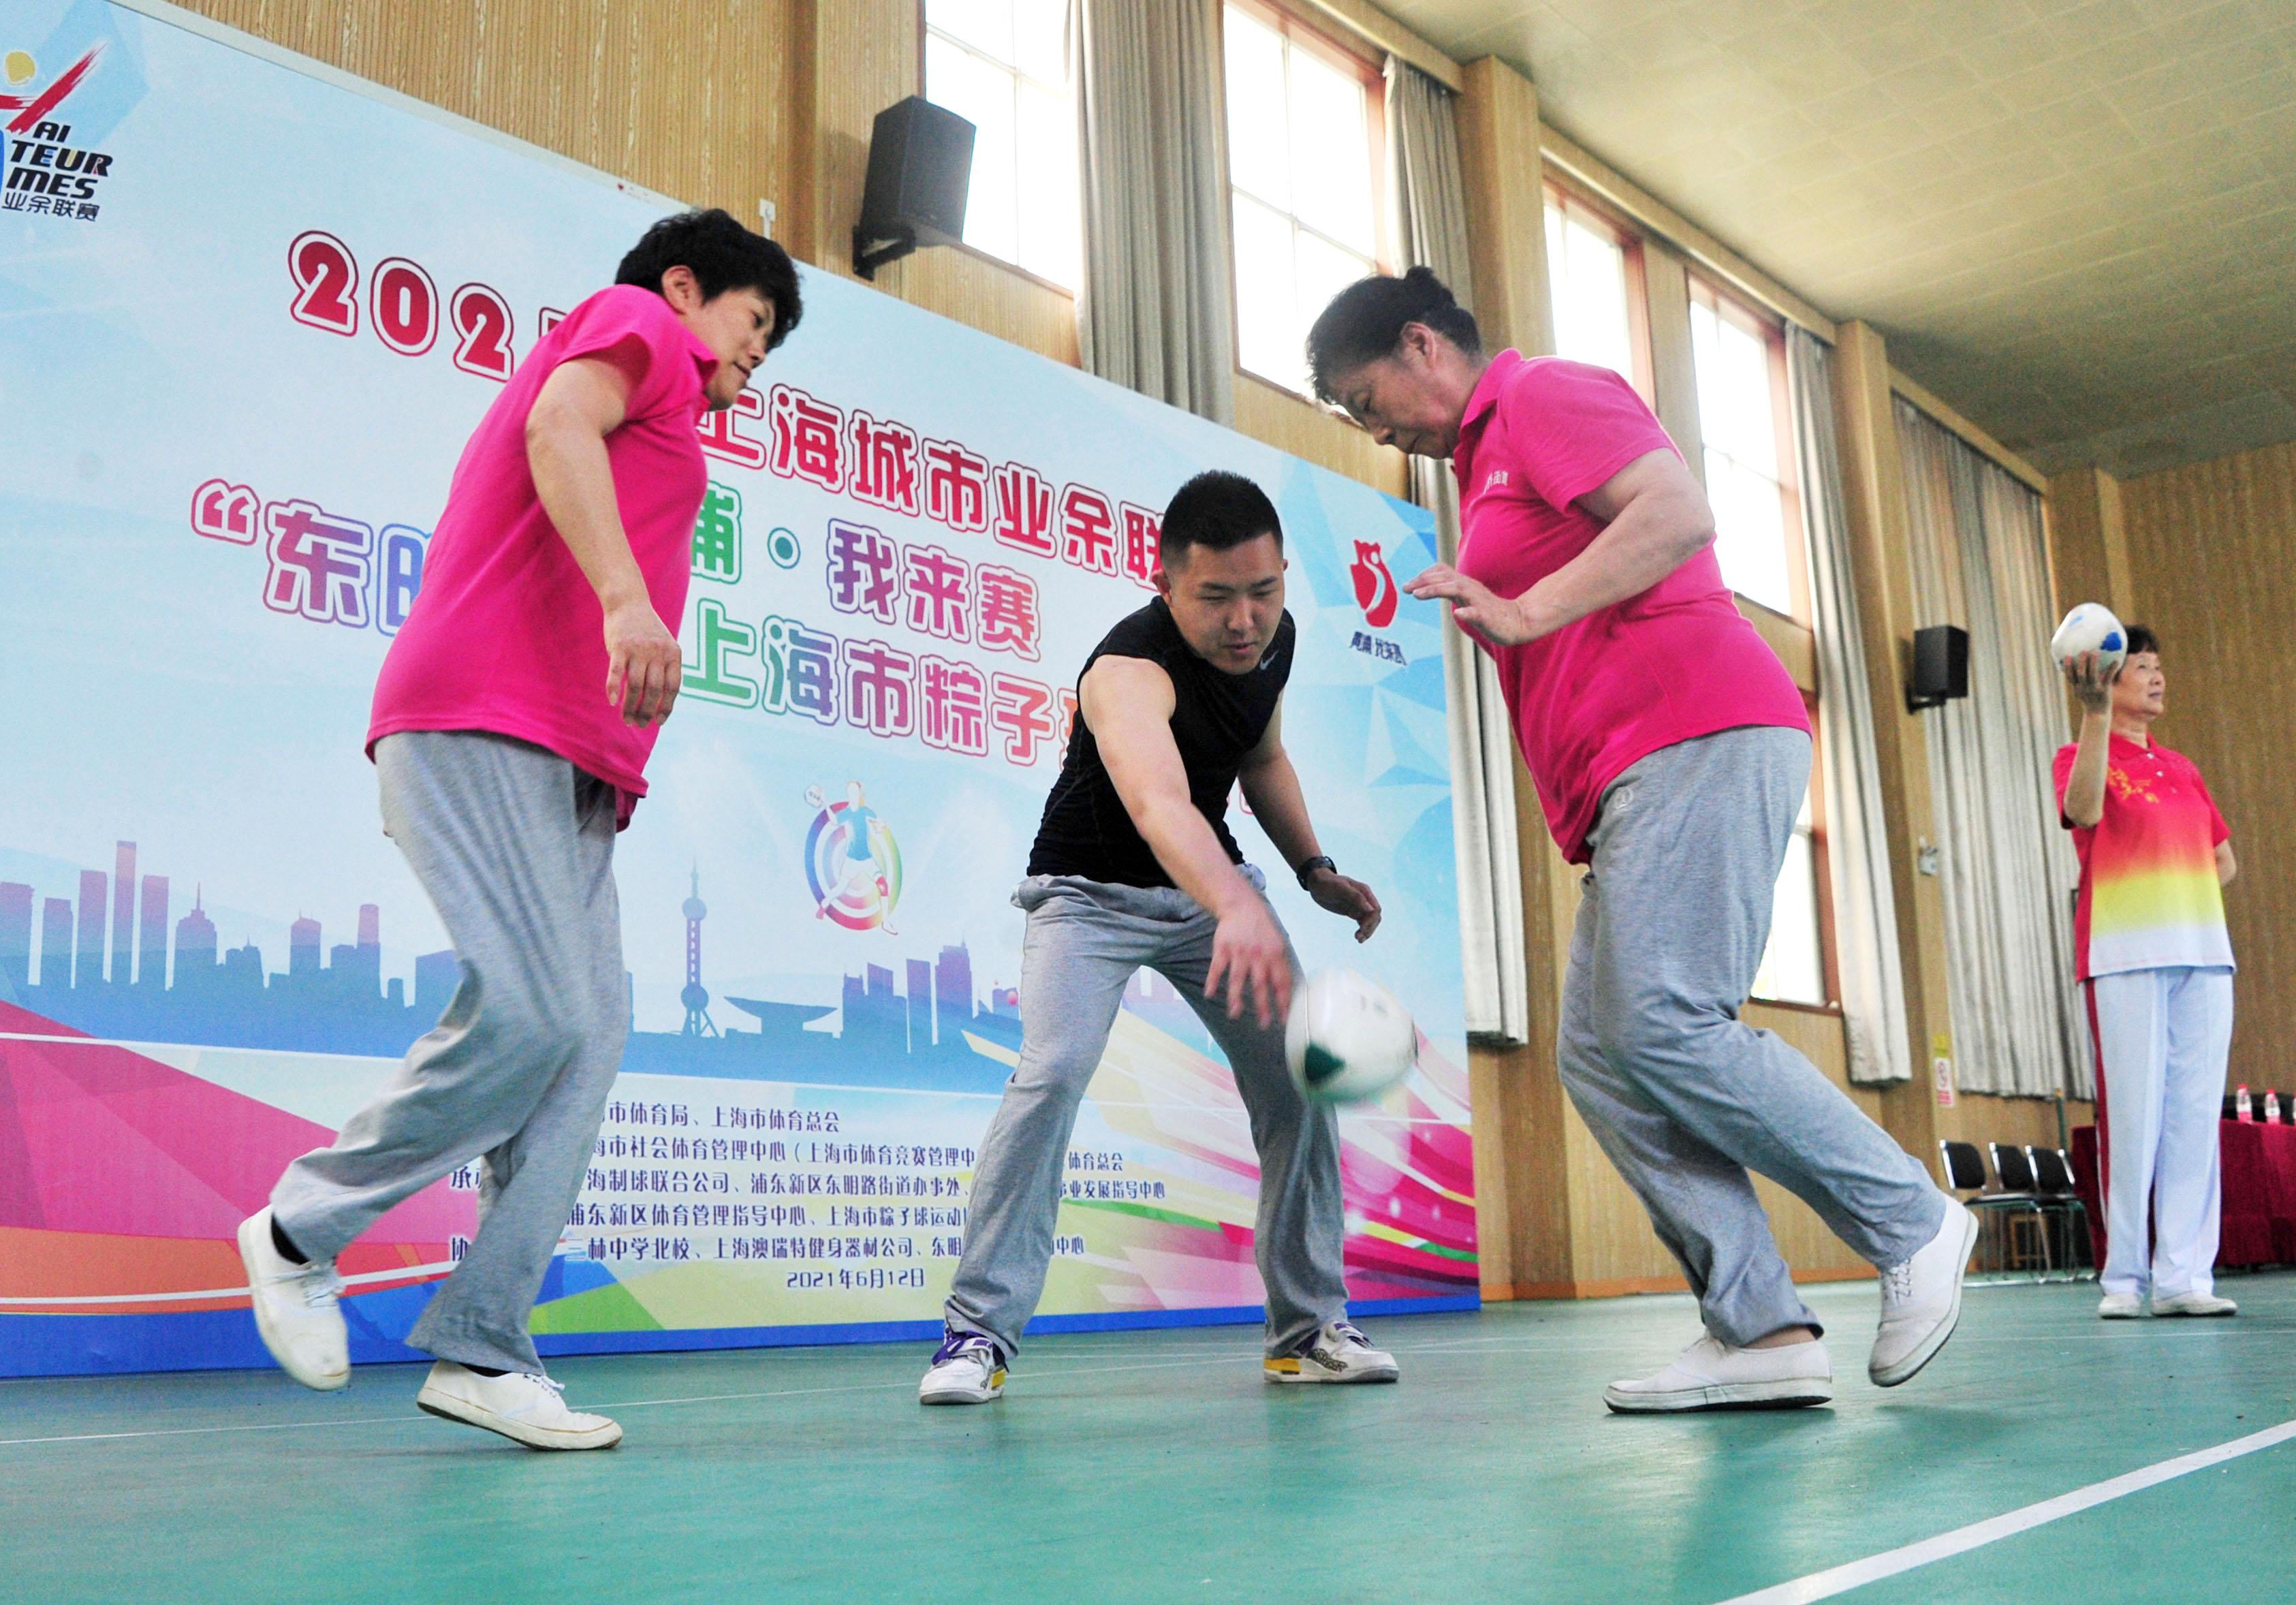 2021乐动体育市粽子球公开赛举行 拍球高手云集一决高下